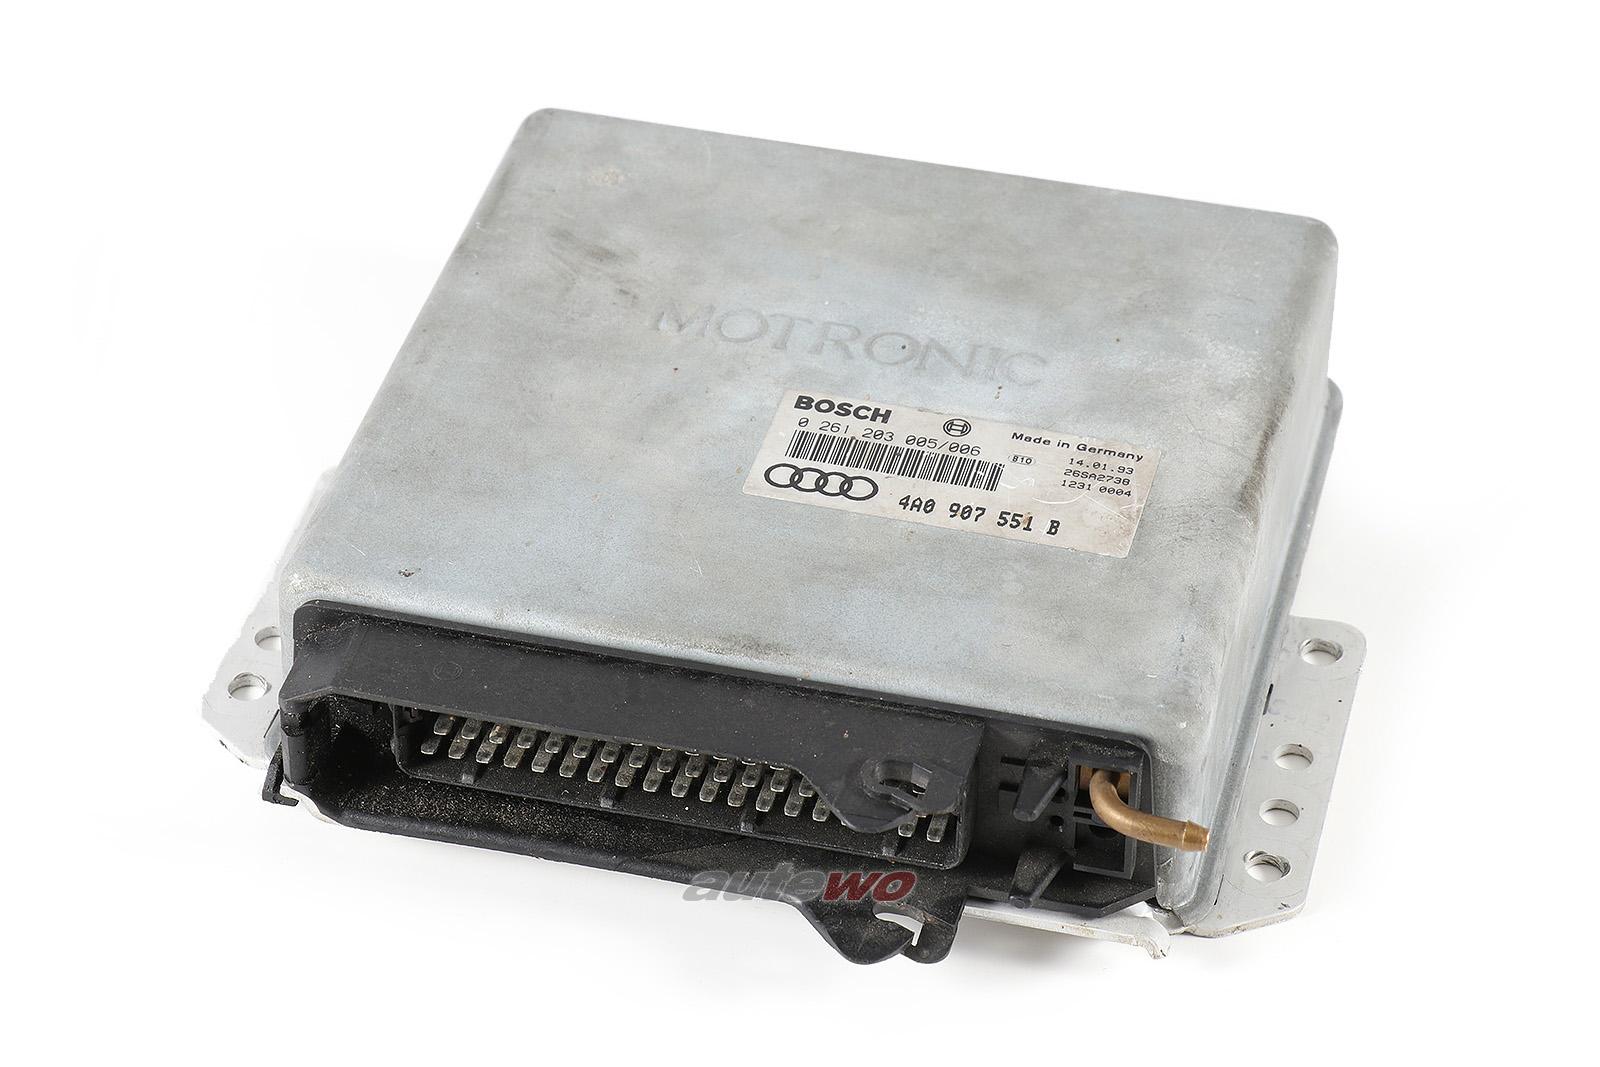 4A0907551B 4A0997551AX Audi S4 C4 2.2l Motorsteuergerät